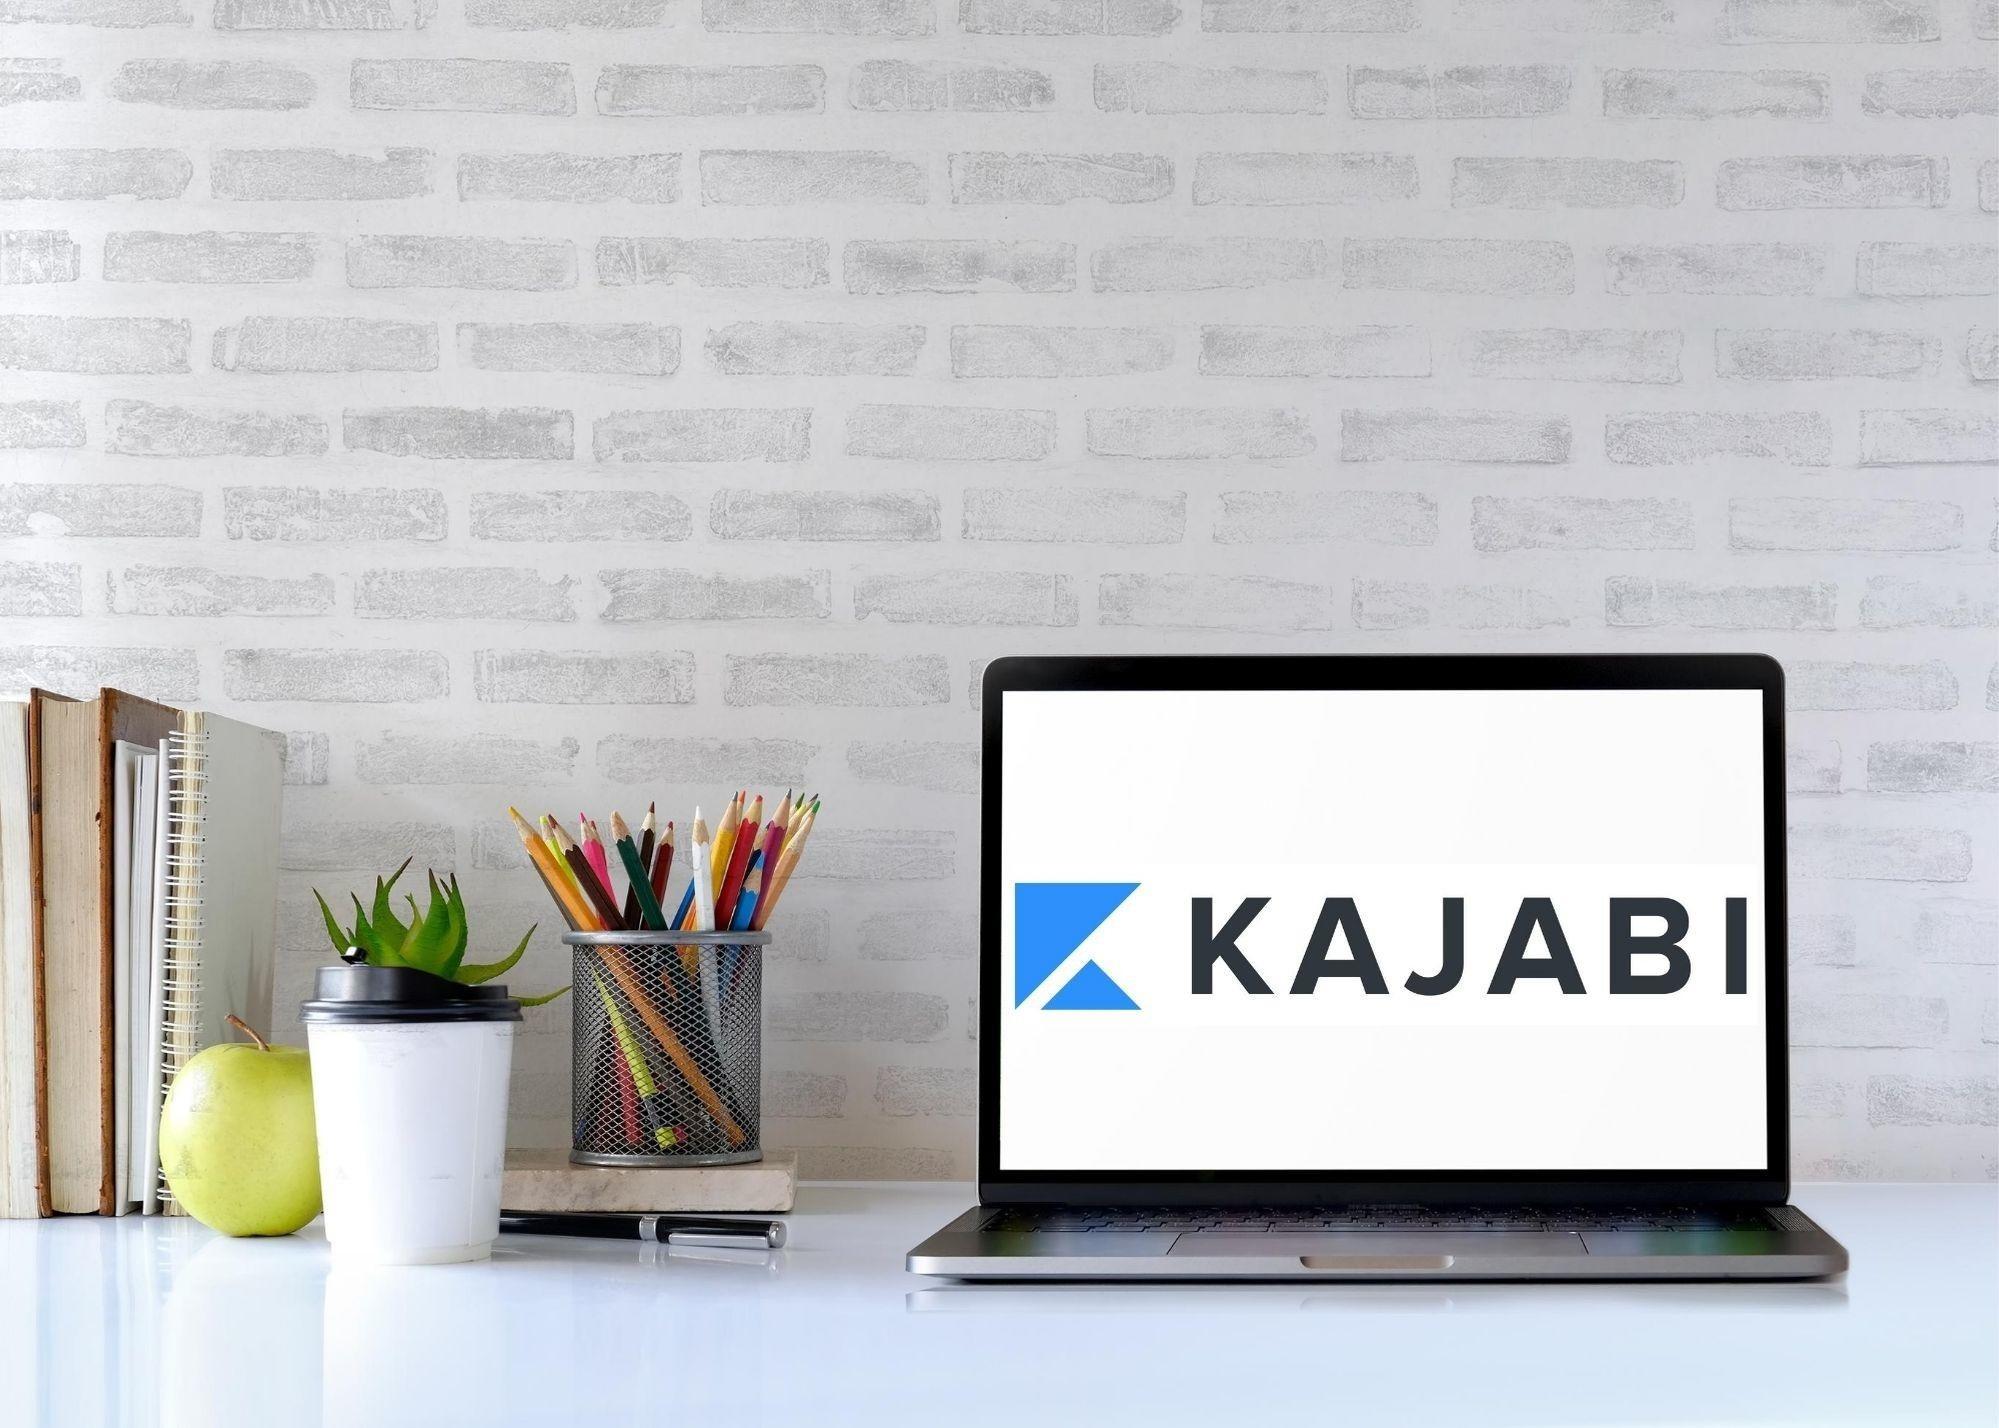 gostudioc.com/kajabiforcoaches